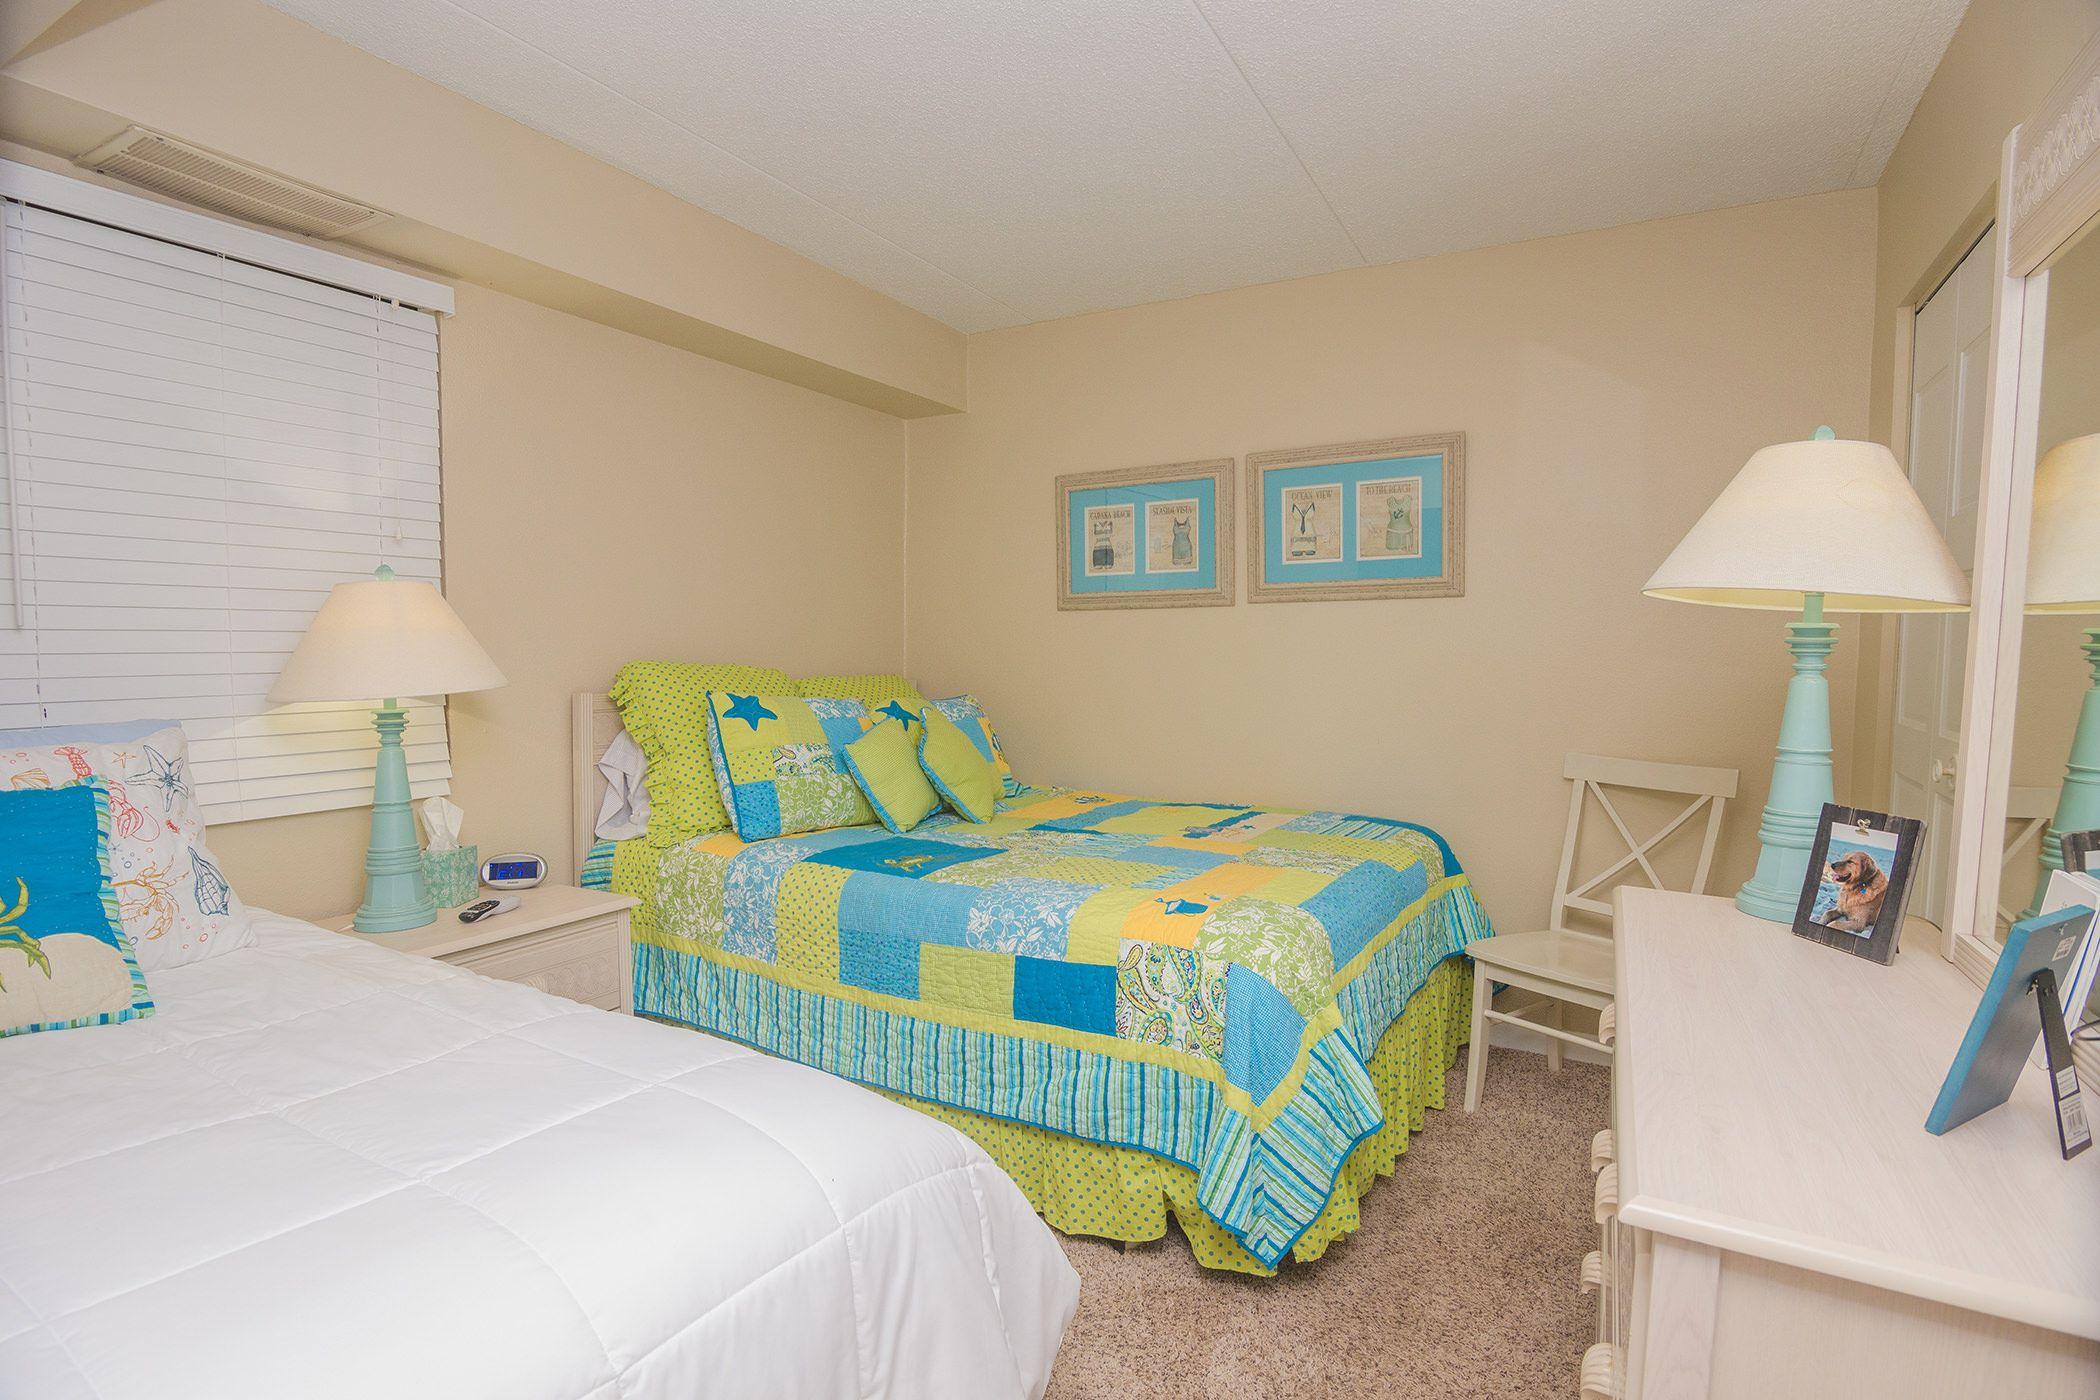 Hall bedroom Ocean city rentals, Guest bedroom, Home decor